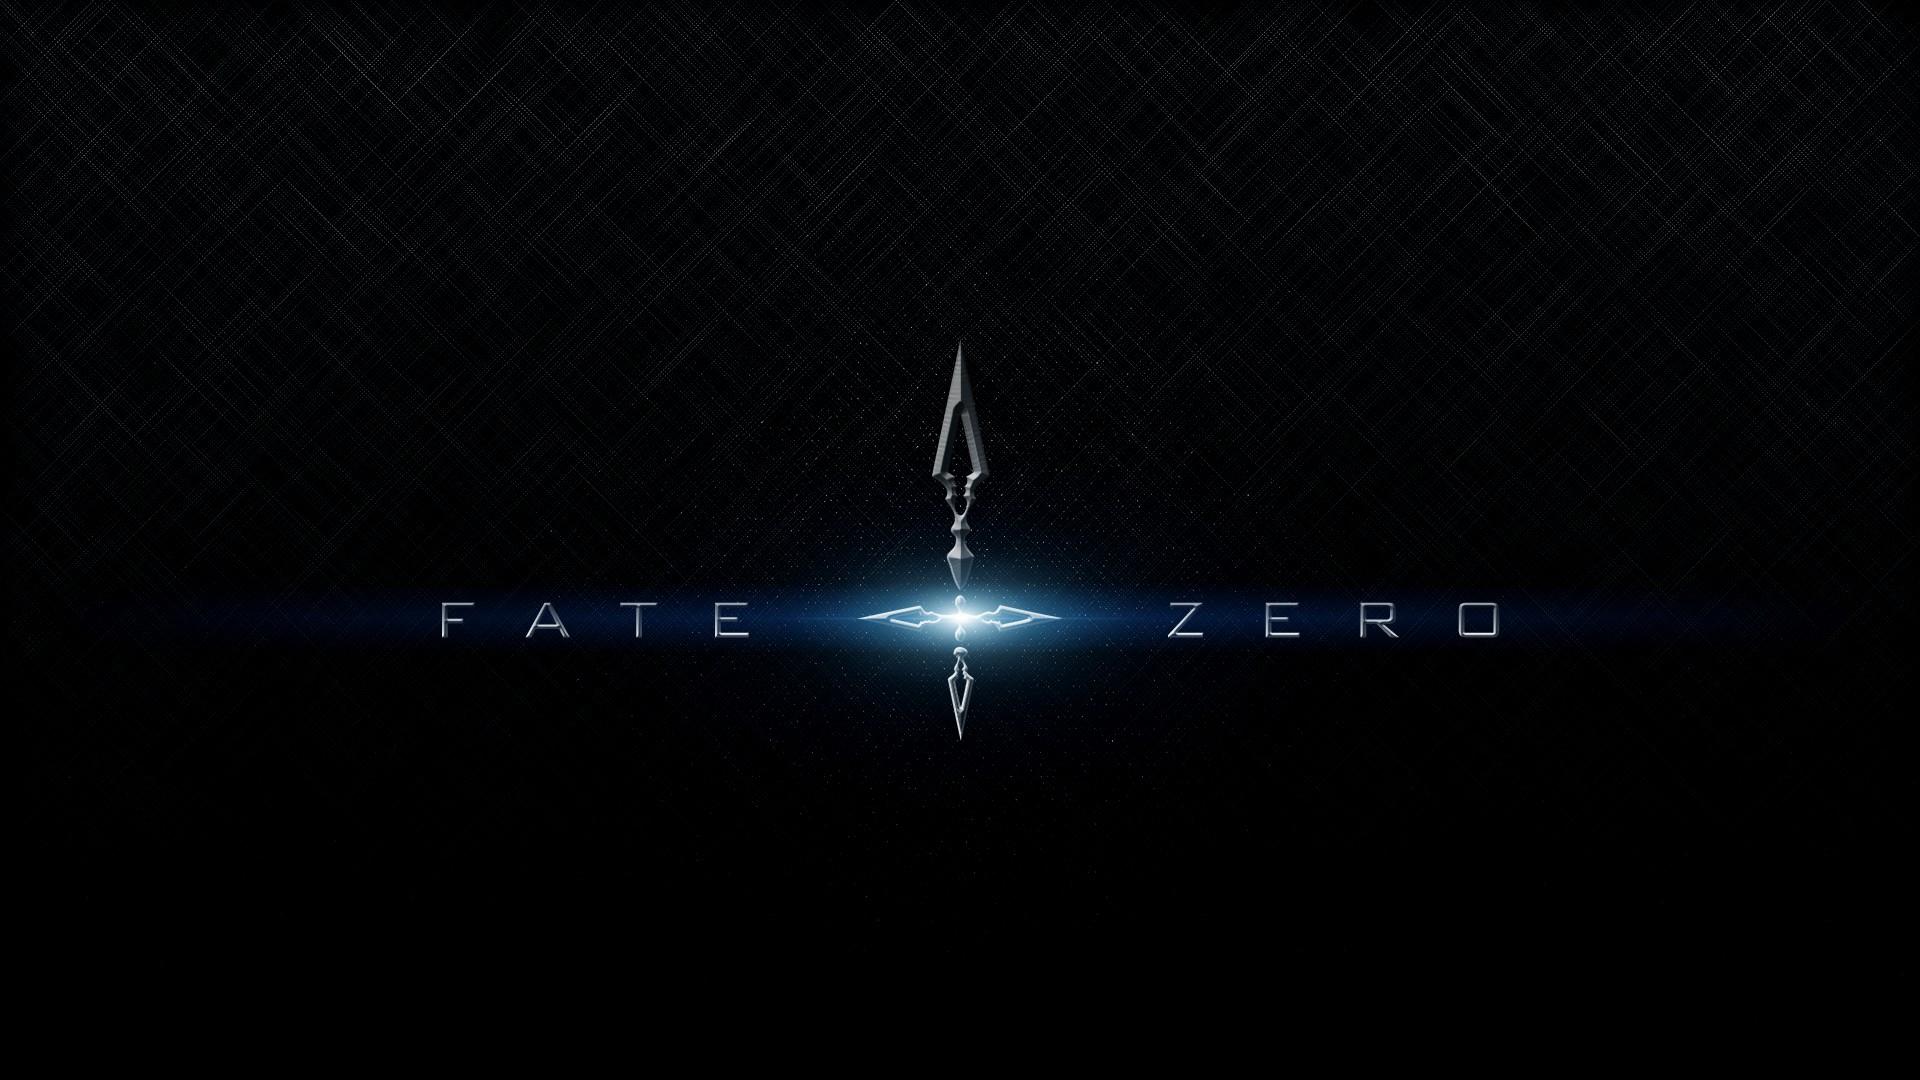 fate zero computer wallpapers desktop backgrounds